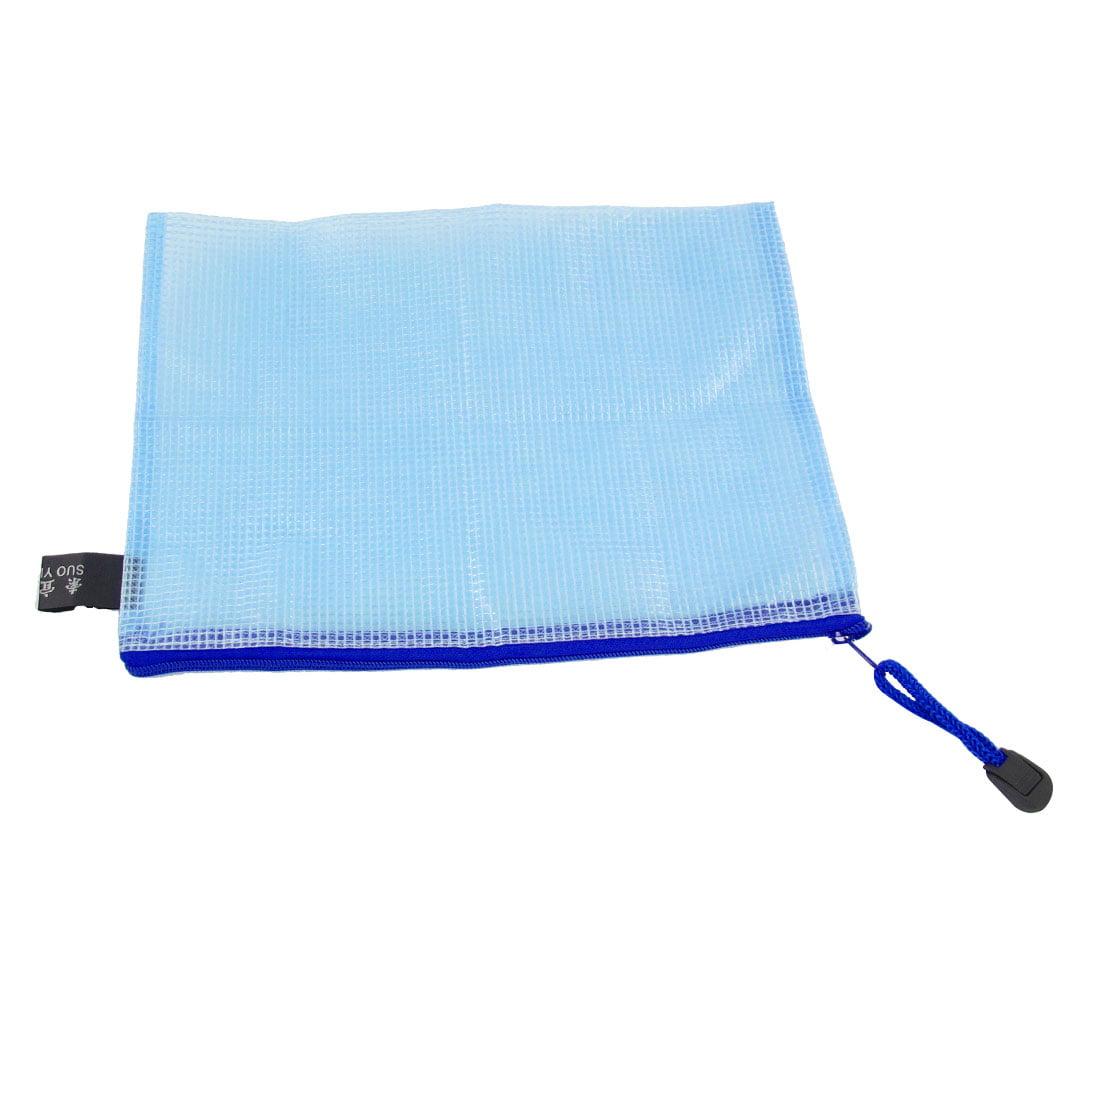 Unique Bargains Light Blue Soft Plastic Zip Up Net Pattern